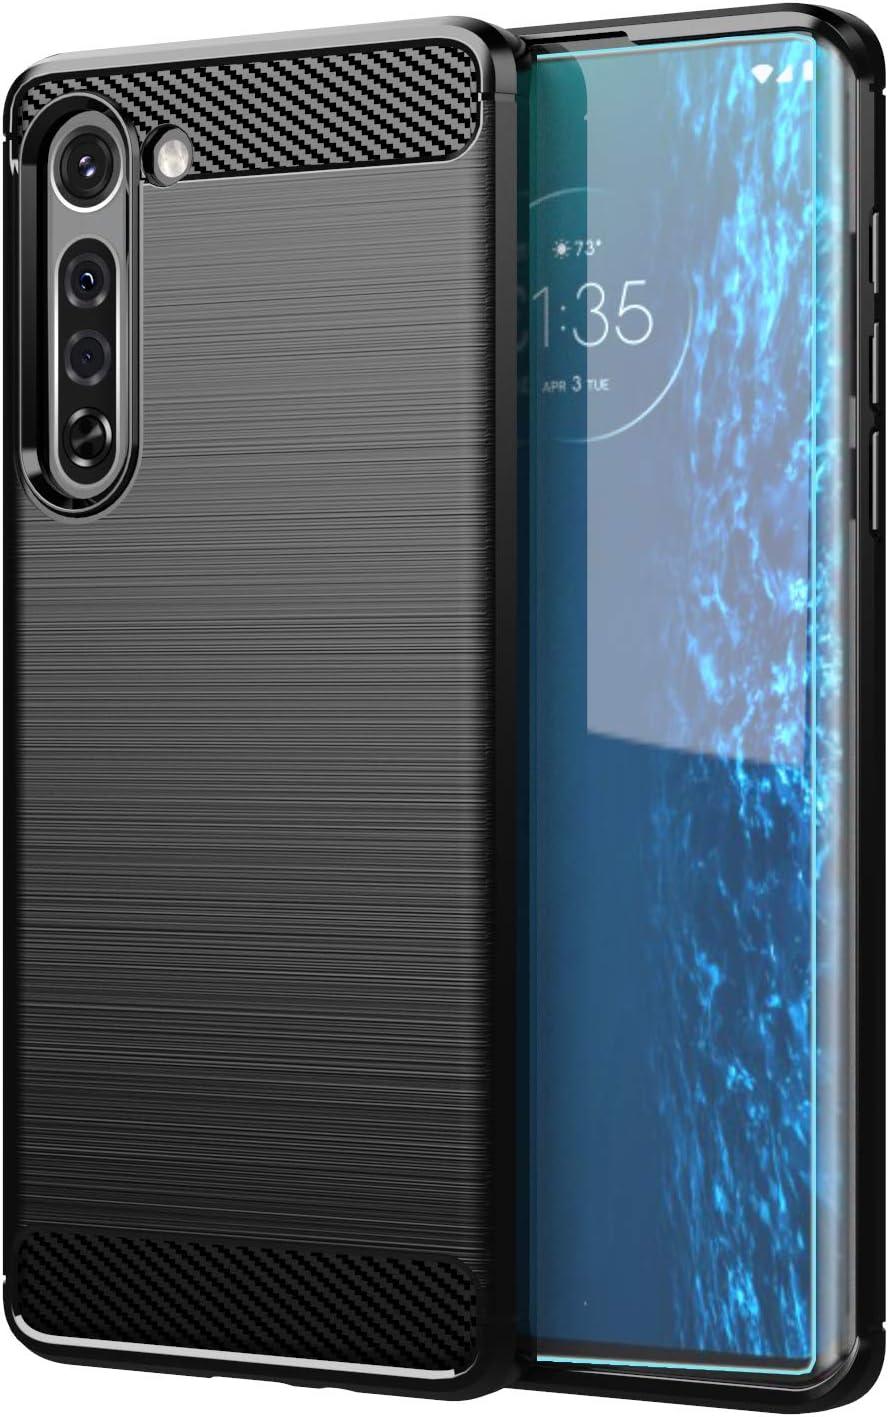 Funda negra y protector para Motorola Edge